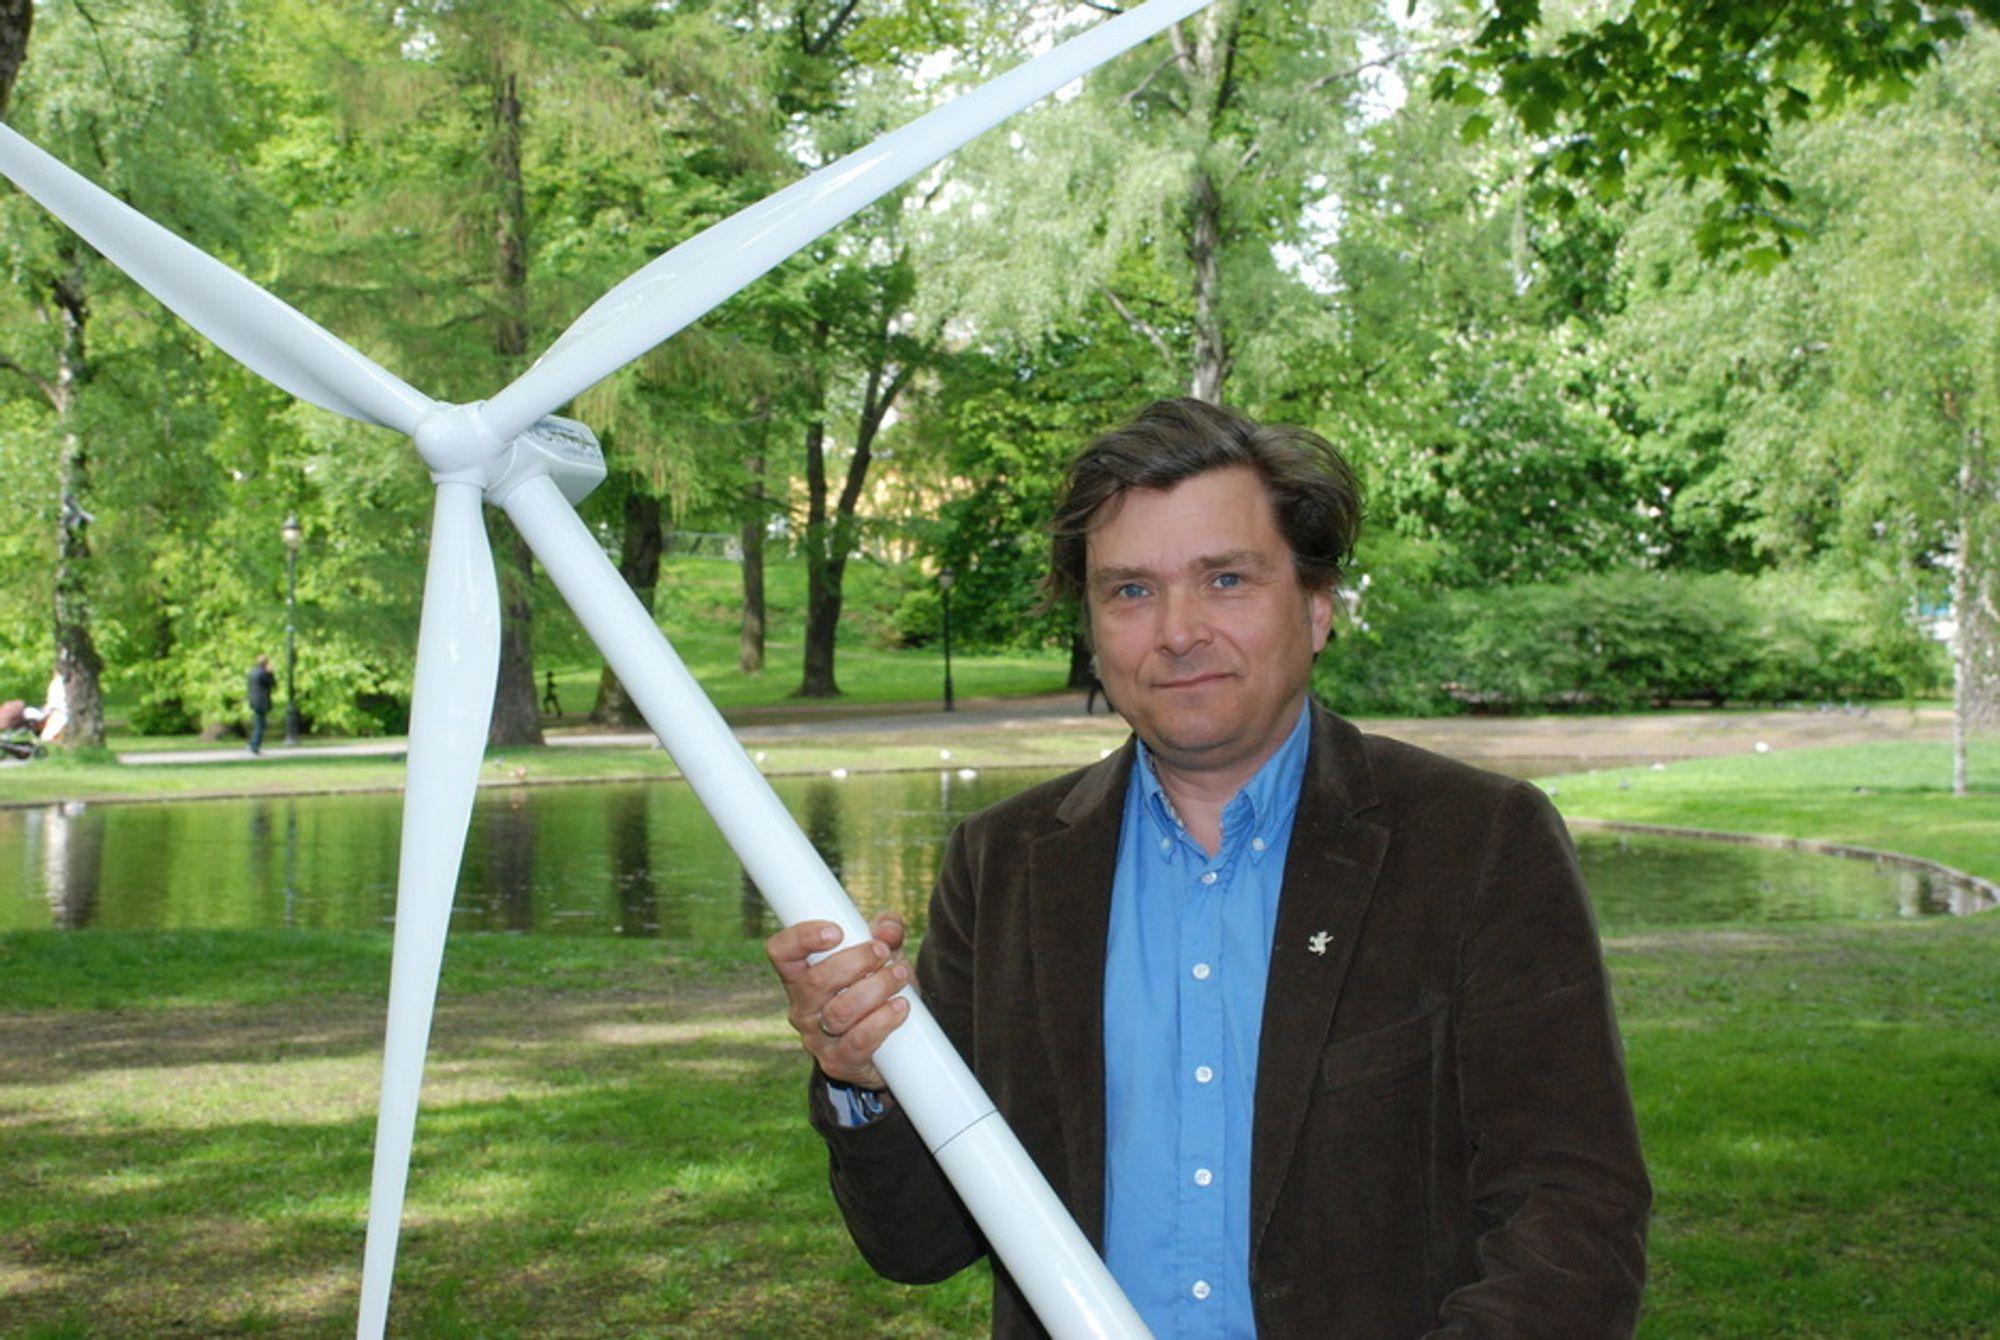 SNURRER AV GLEDE: Direktør Øyvind Isachsen i Norwea er fornøyd. Norge og Sverige er enige om elsertifikater, og det gjør vindkraften mer lønnsom. Mange nye vindkraftprosjekter vil nå bli bygd ut.